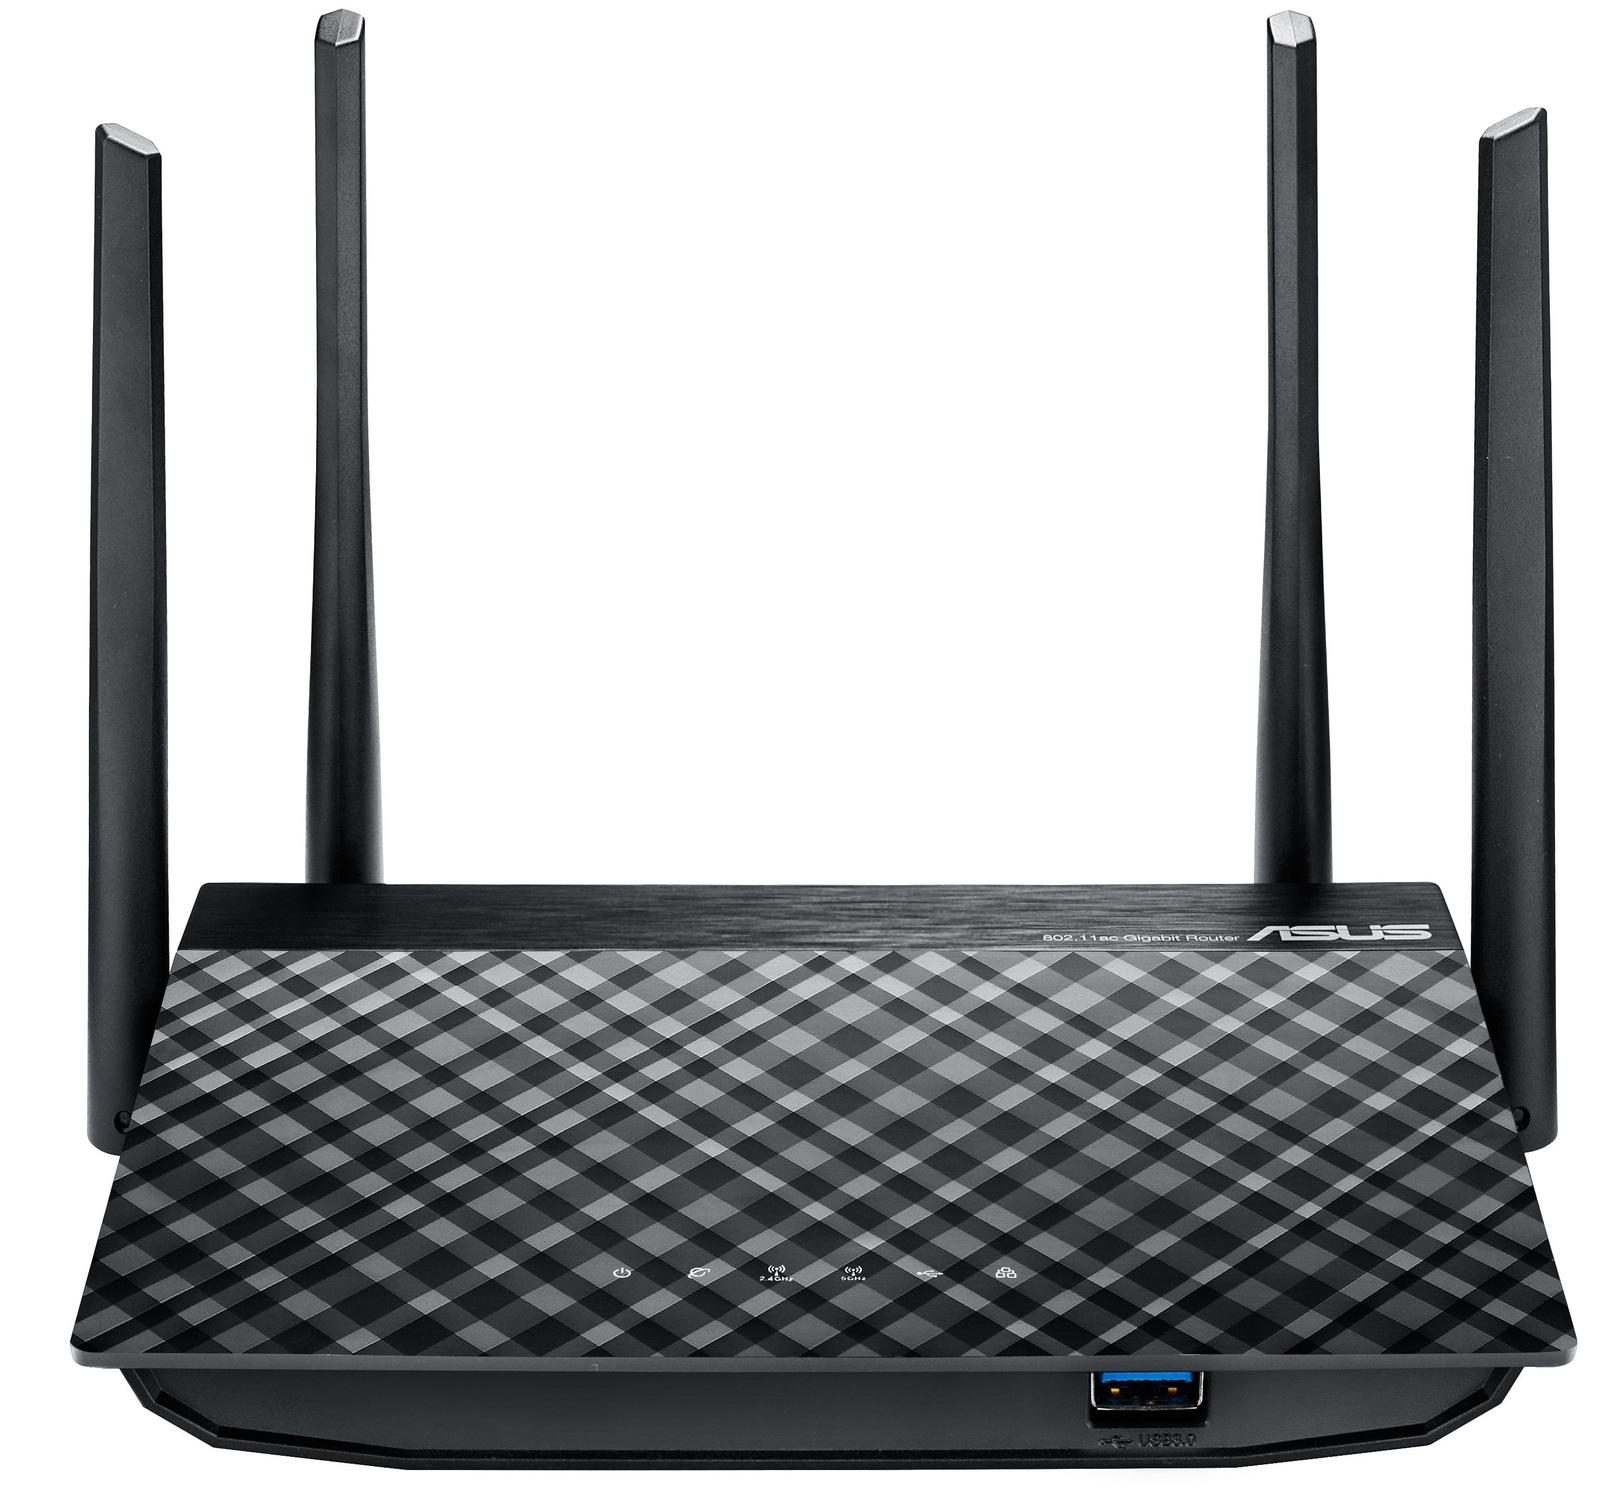 ASUS RT-AC58U MU-MIMO, Gigabit Wi-Fi Gaming Router image